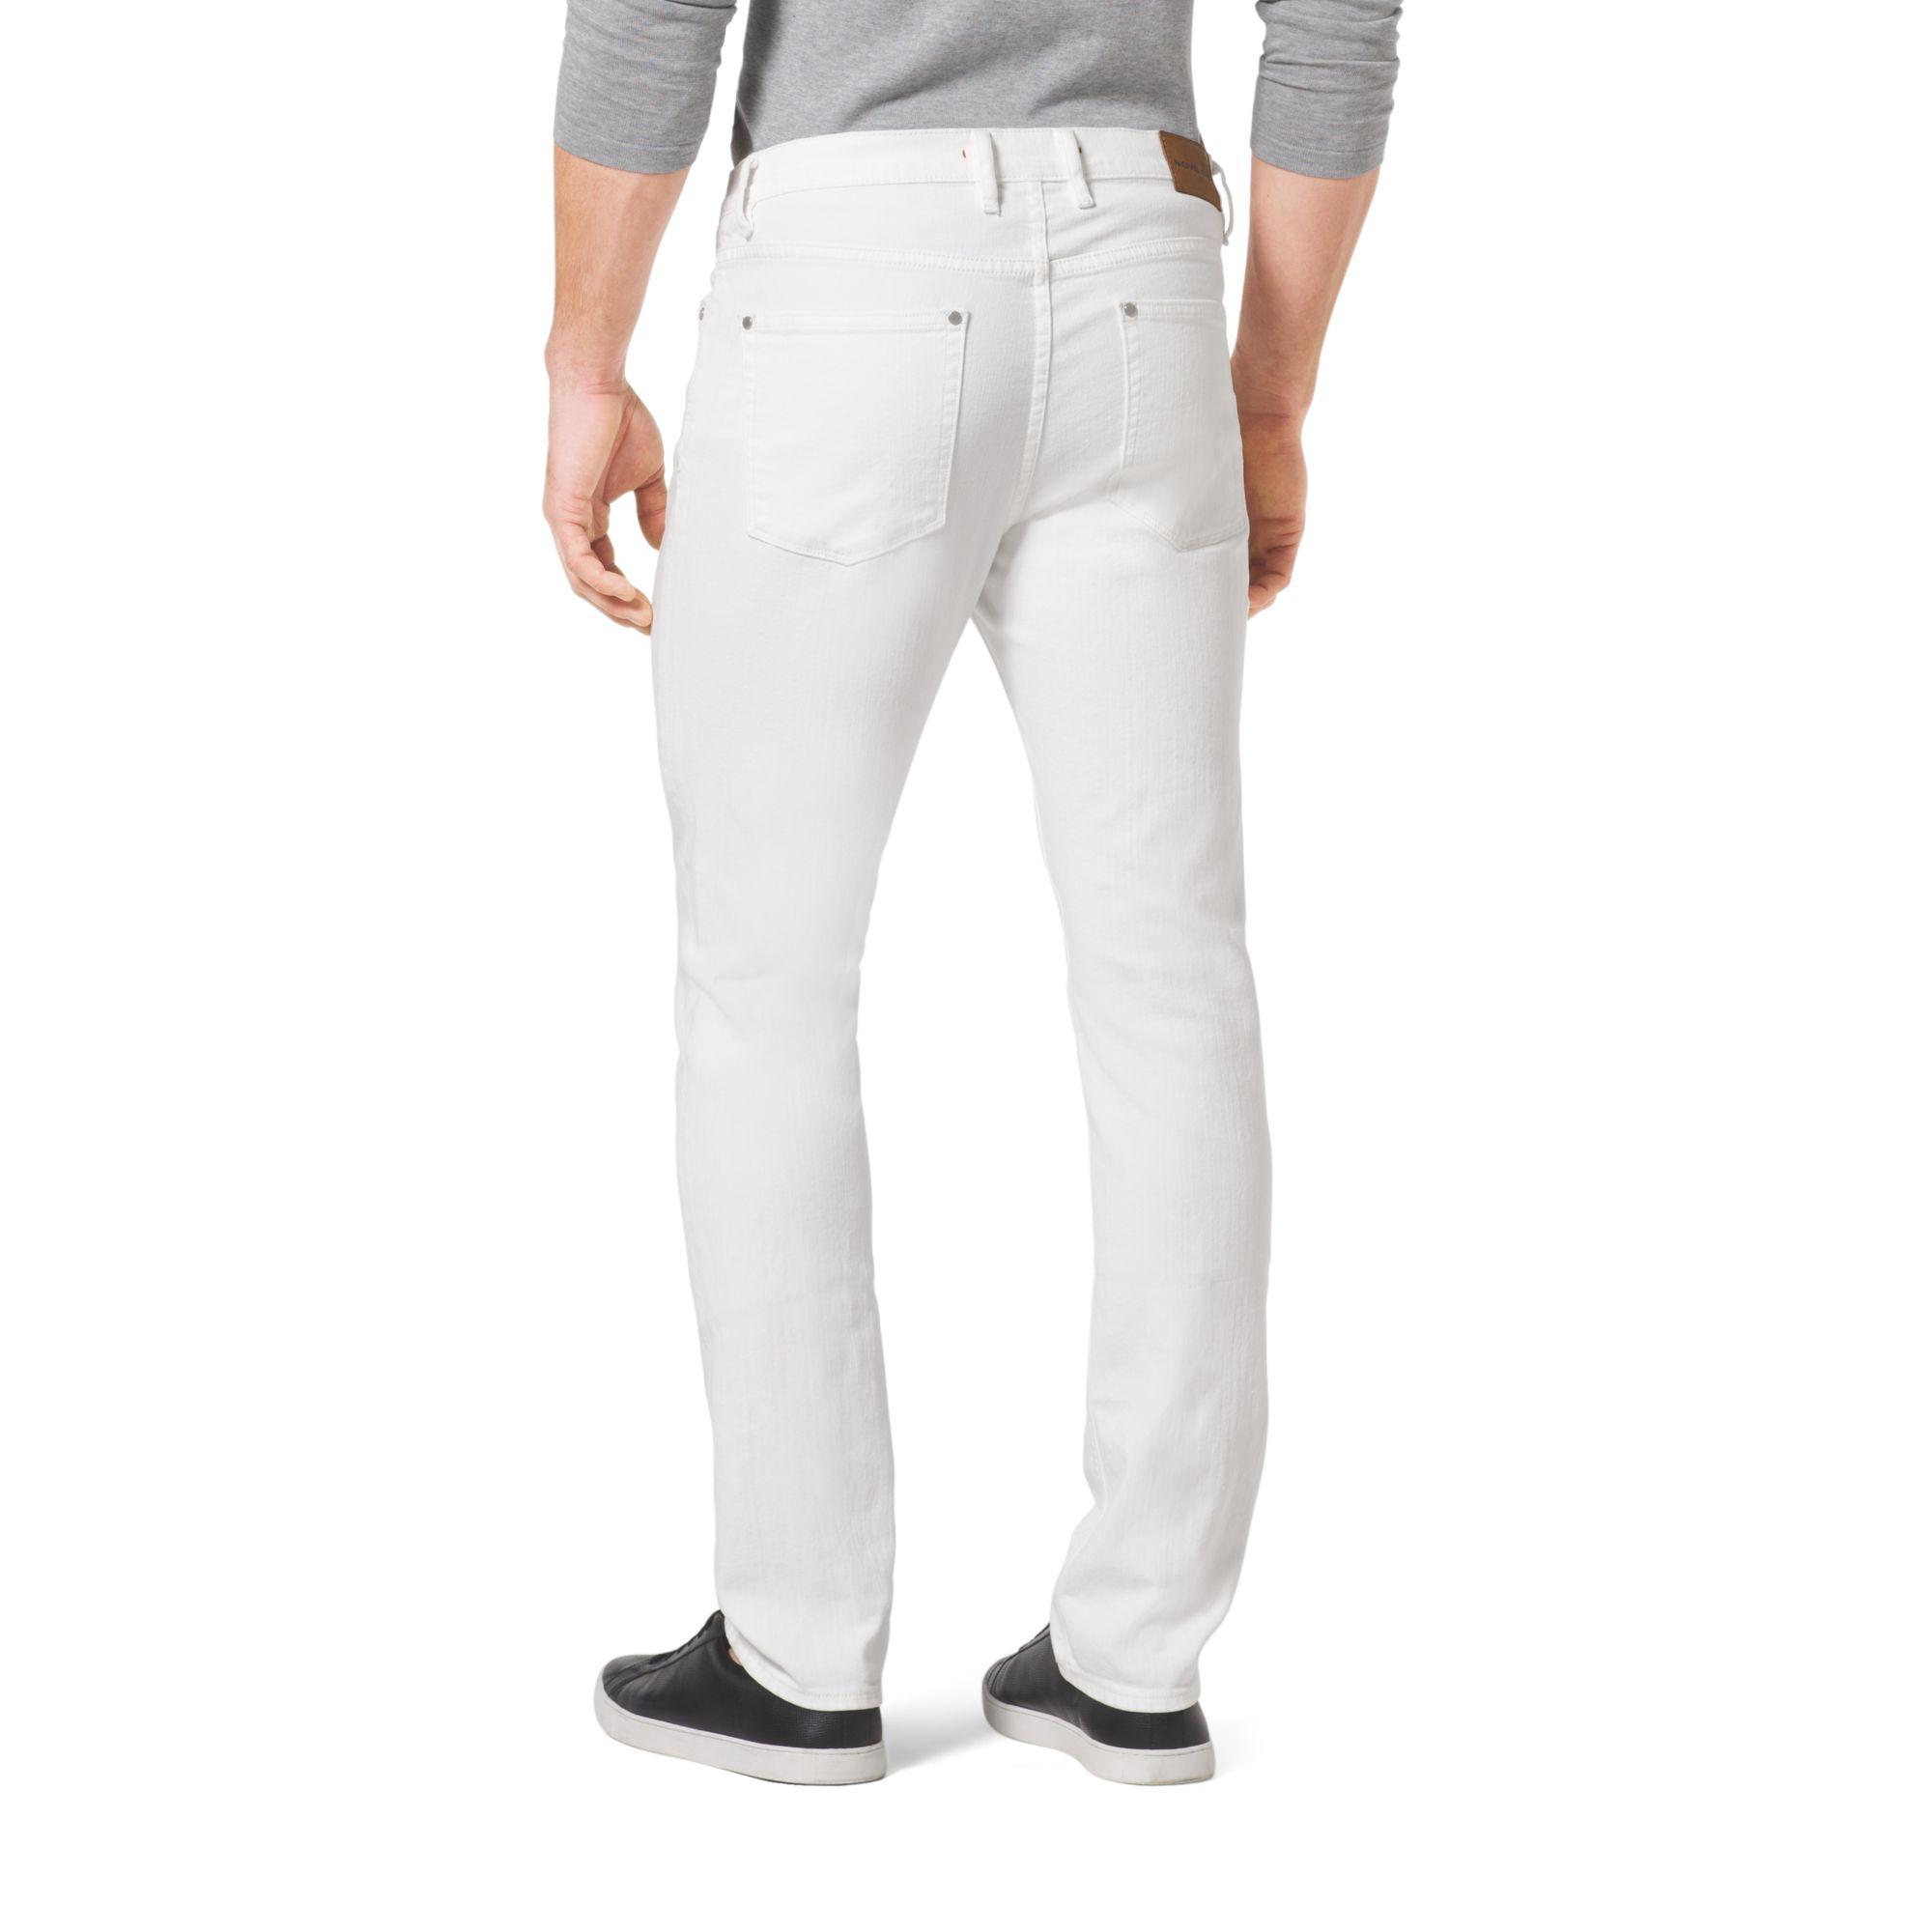 Michael kors Slim-fit Jeans in White for Men | Lyst